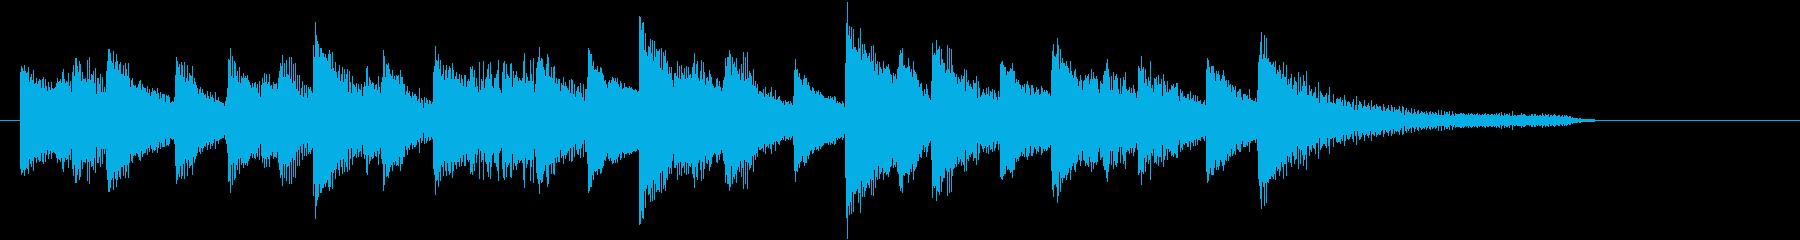 ポカポカ和音の穏やかジャズピアノジングルの再生済みの波形